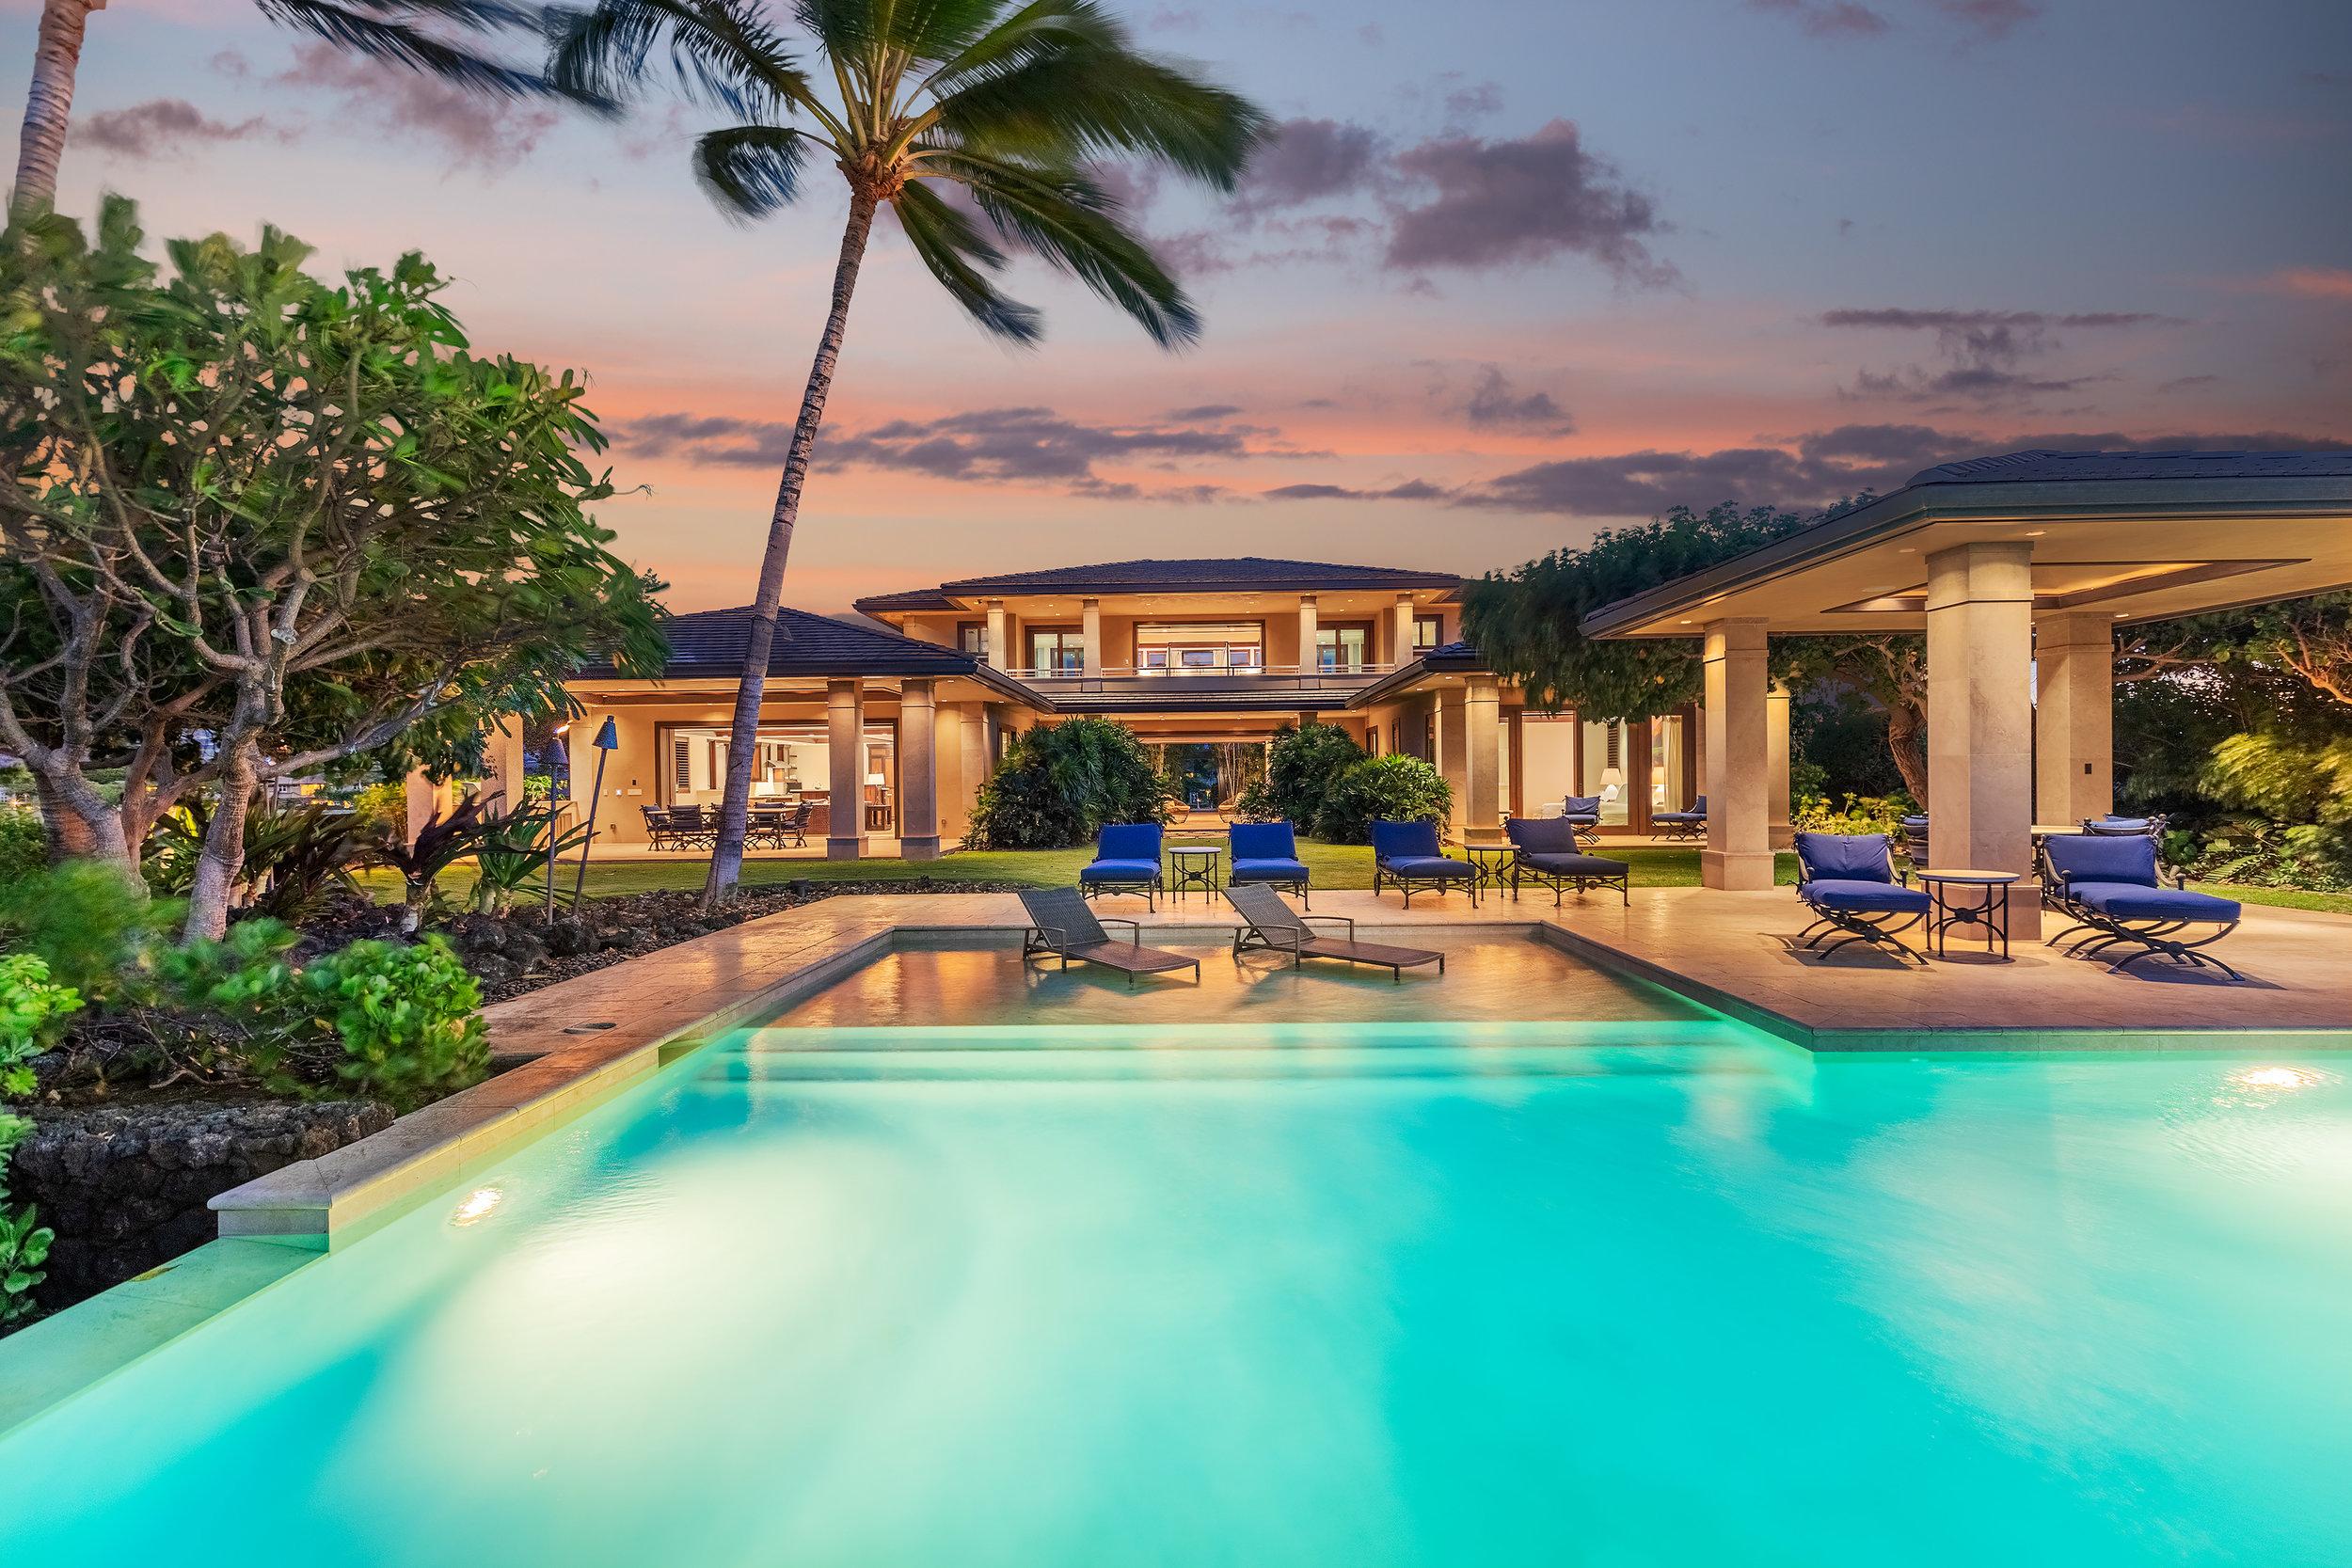 Ke Kailani Lot 10 | $4.2 million | 4BR/5.5 BA | 5,326 interior sq. ft. | 1.13 acre lot |    MLS #627366